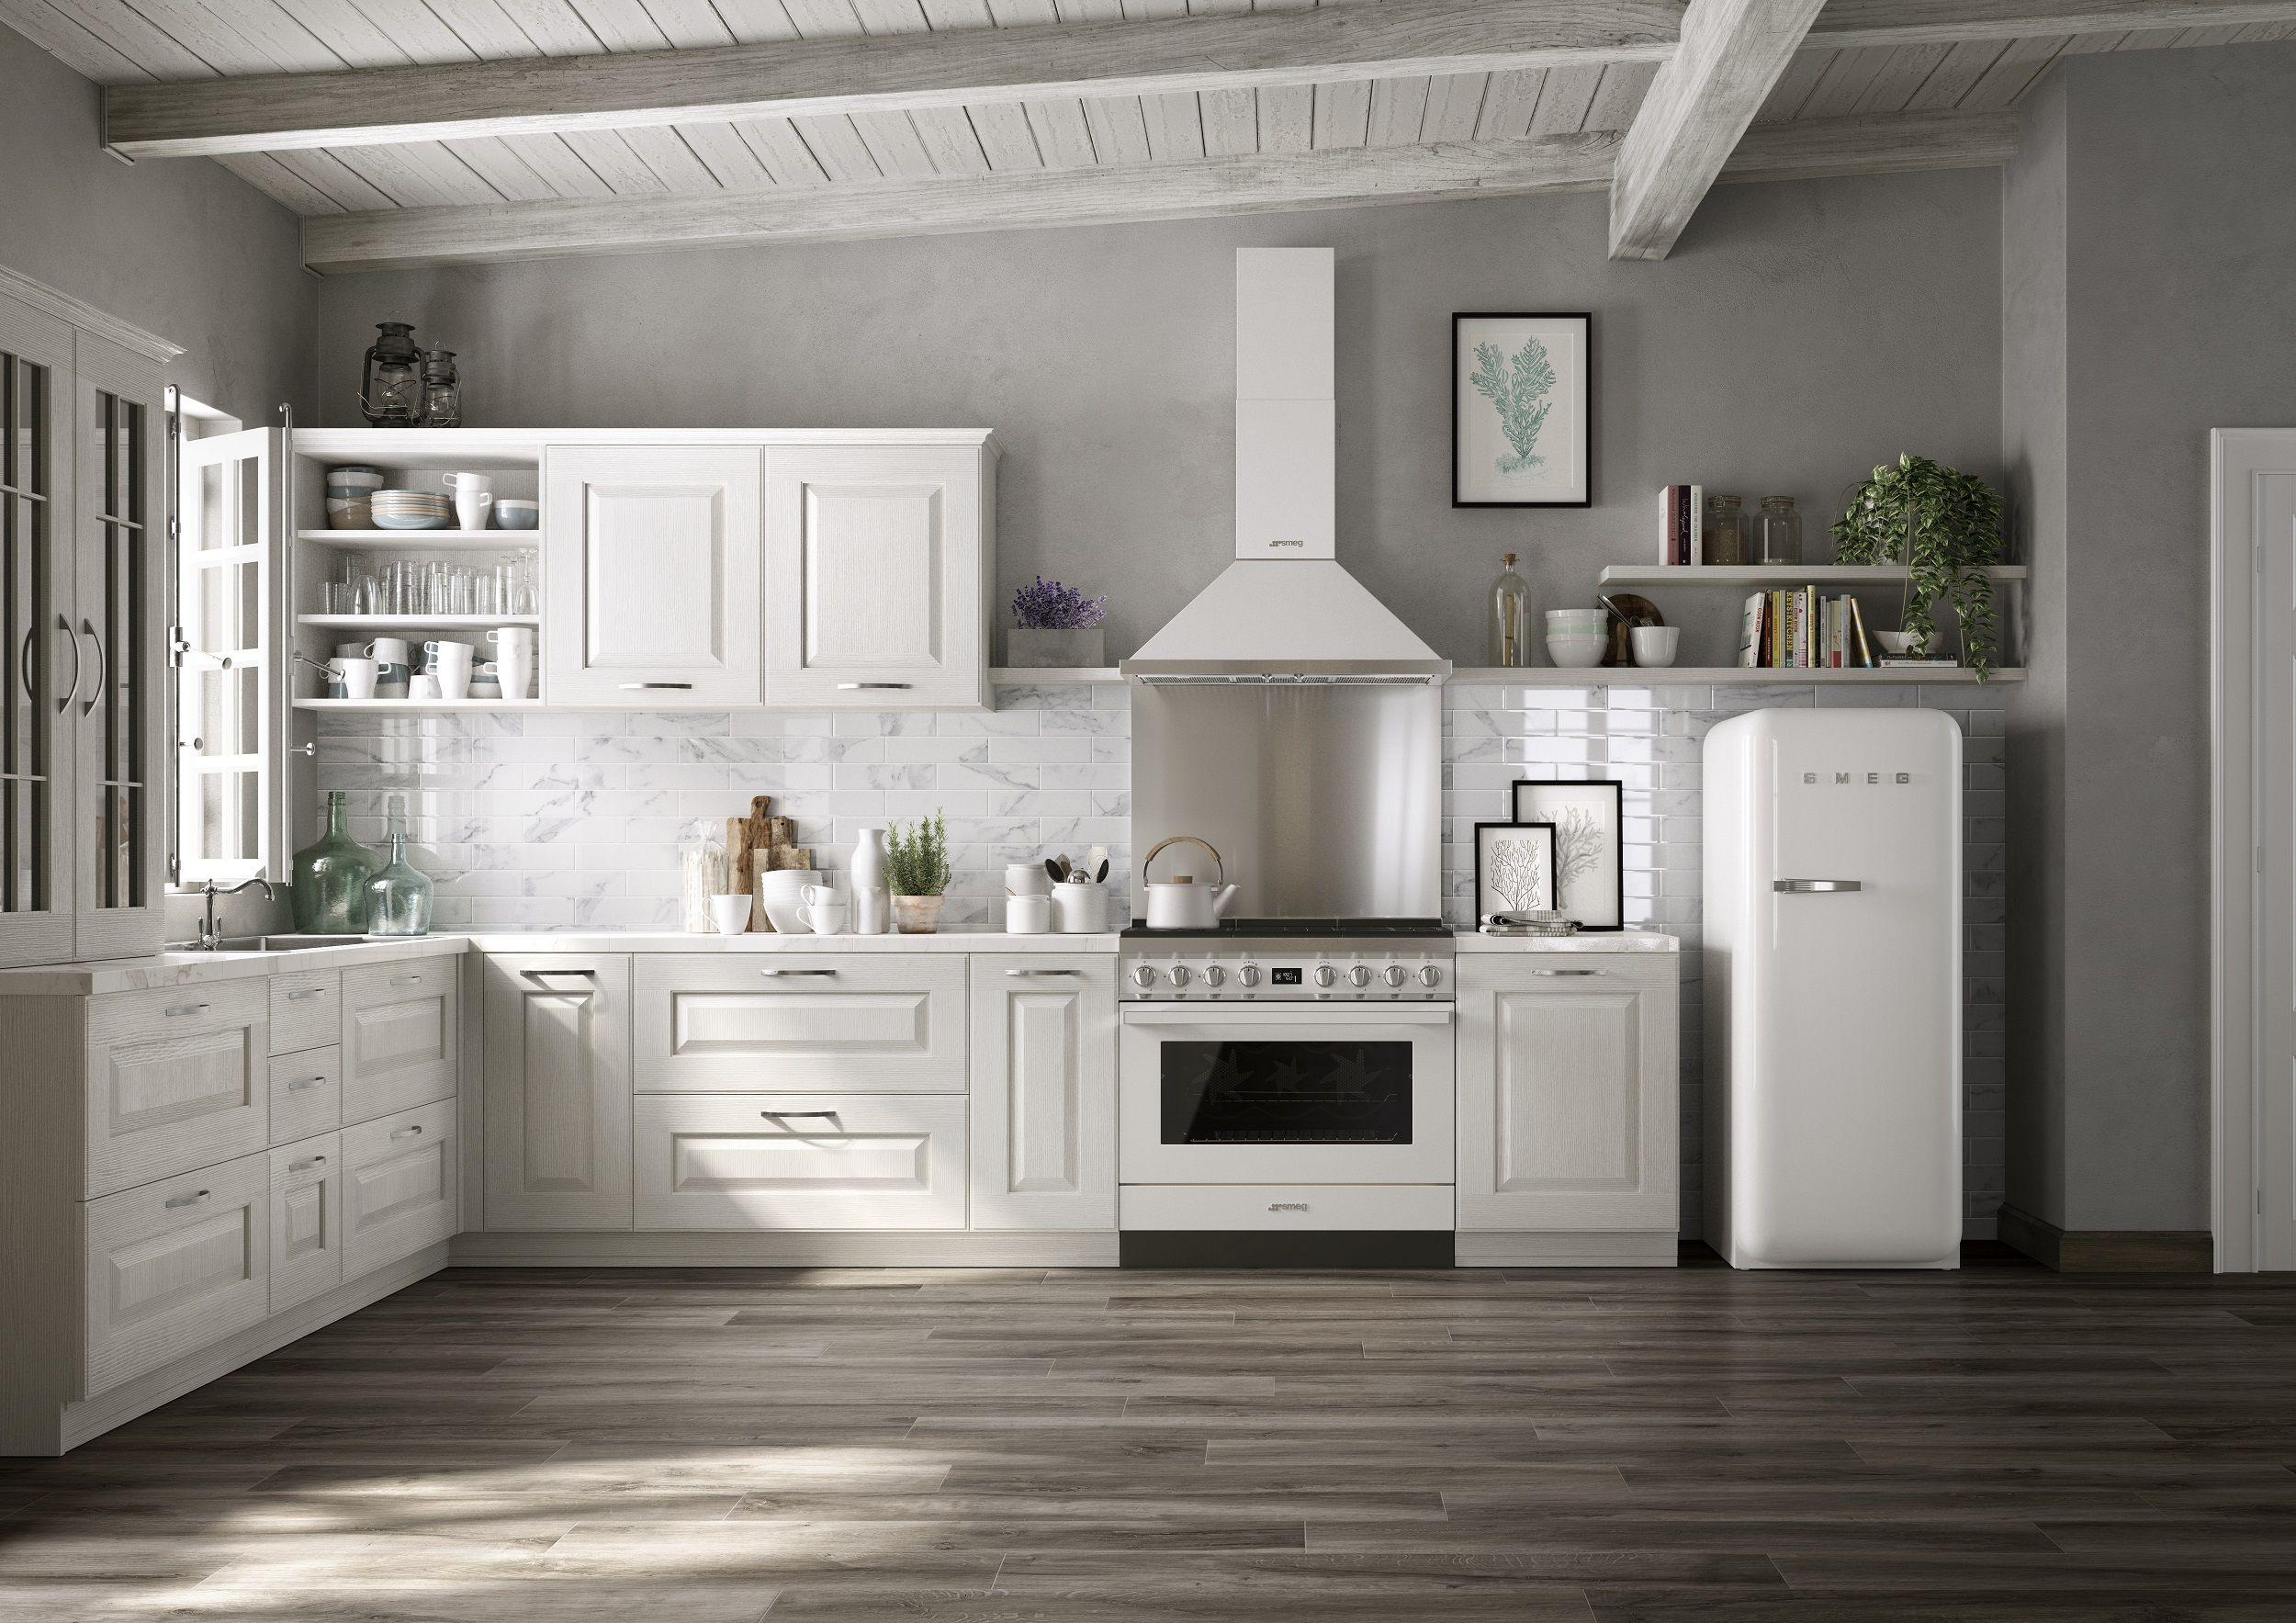 Smeg Kühlschrank Licht : Ein küchentraum in weiß mit retro kühlschrank und unseren neuen